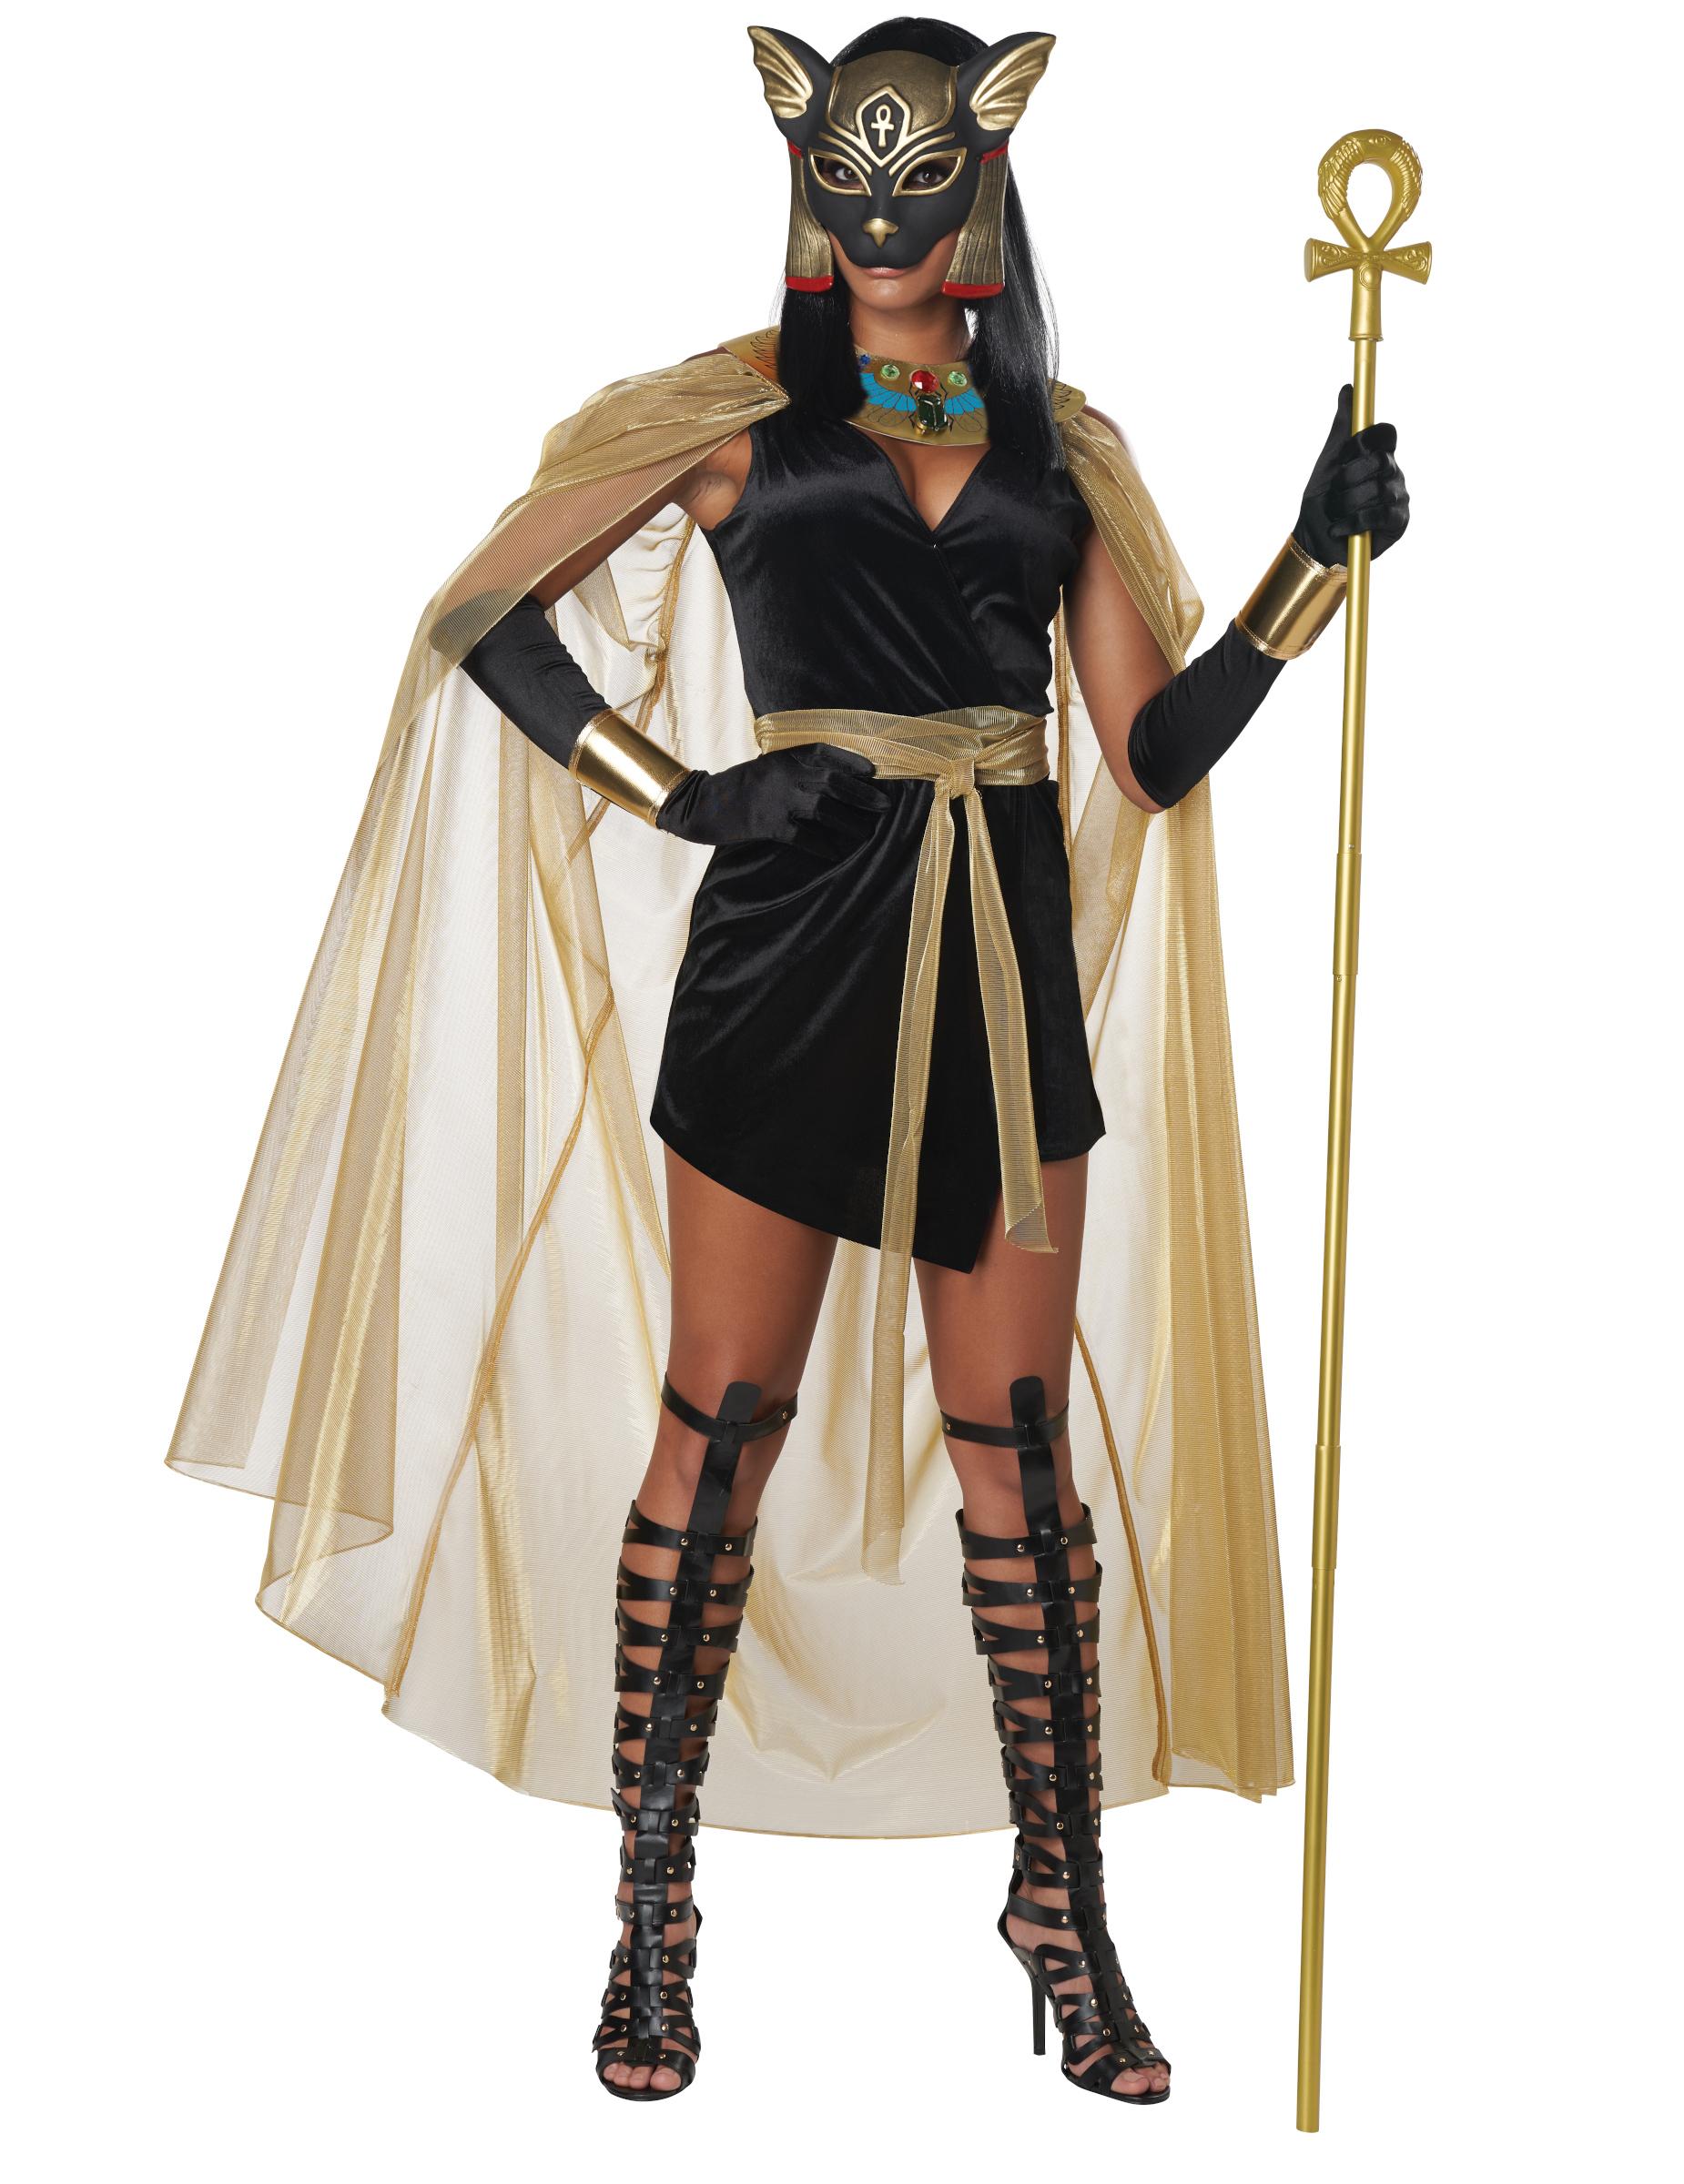 Ägyptische-Göttin-Kostüm Bastet-Kostüm Karneval-Kostüm Schwarz-Gold mit Ägyptische Katzengöttin